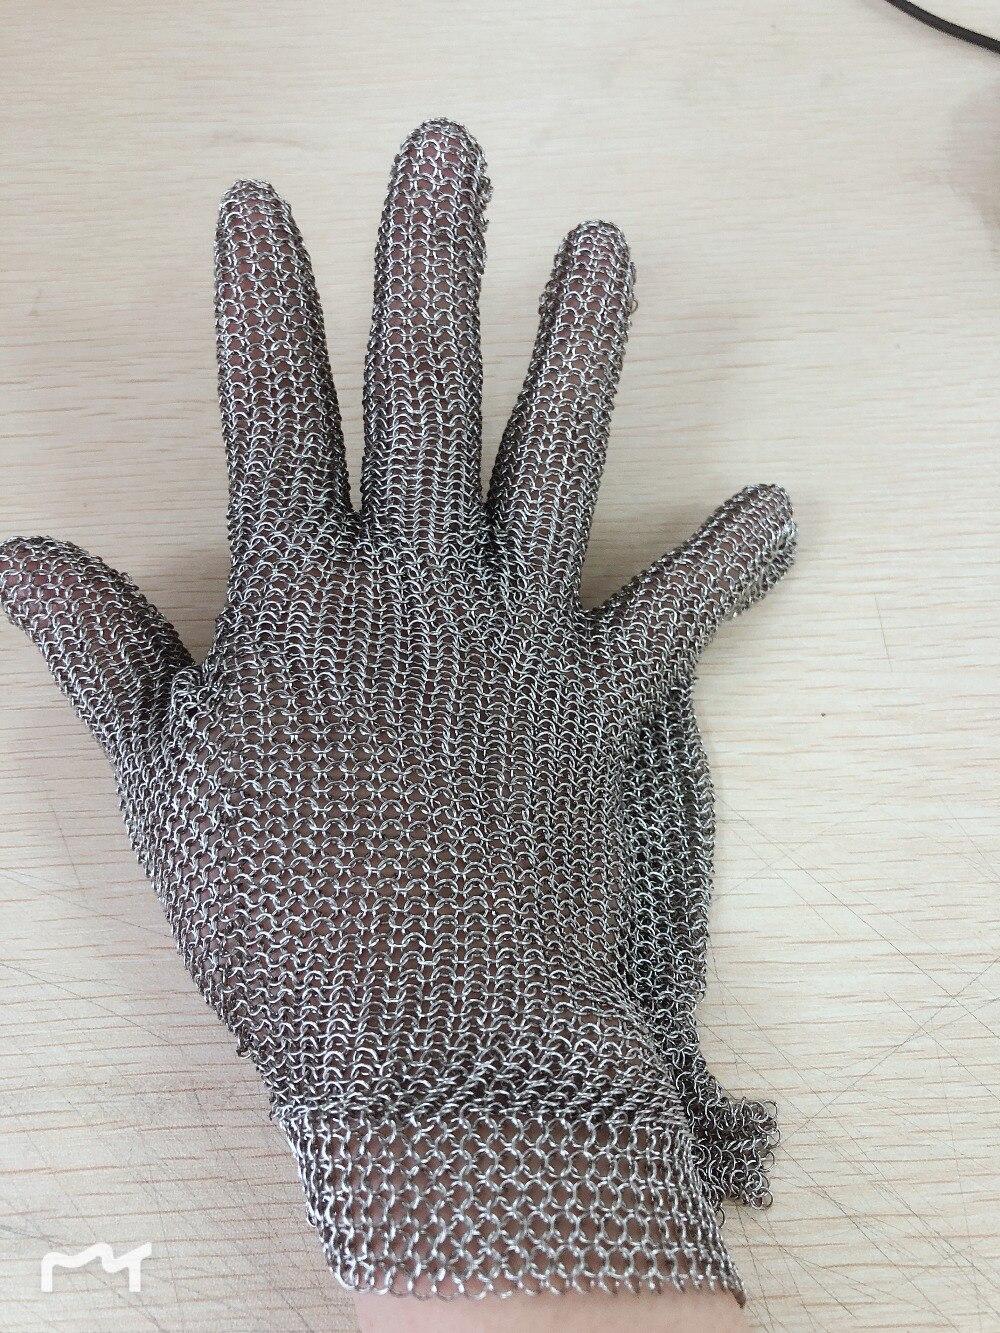 Whitting davis из нержавеющей стали, металлическая сетка, стальная цепочка, перчатки для мяса, перчатки для мясника glvoe - 5